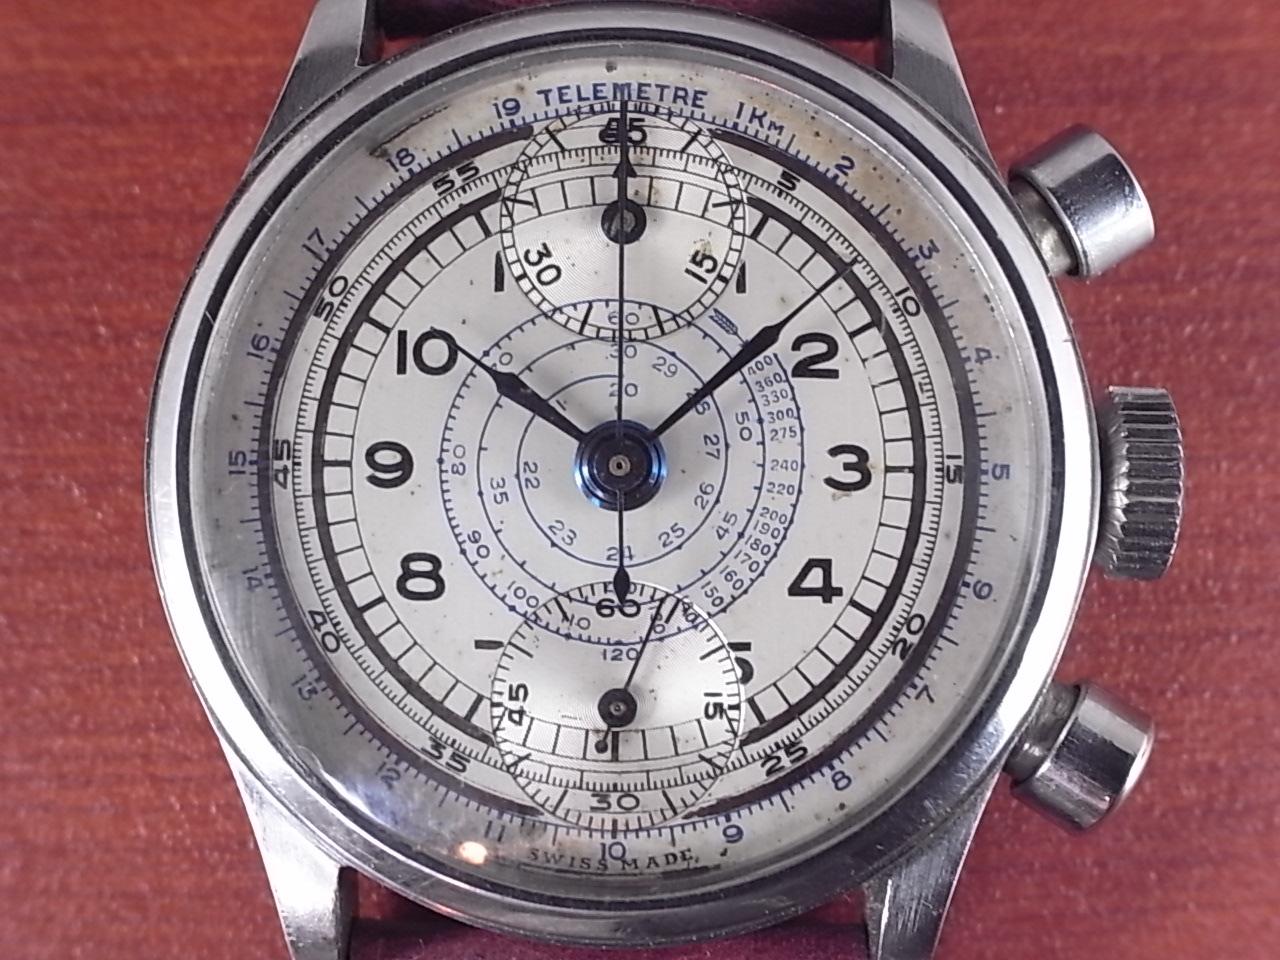 ノーブランド 縦目クロノグラフ ヴィーナス170 ホワイトダイアル 1940年代の写真2枚目